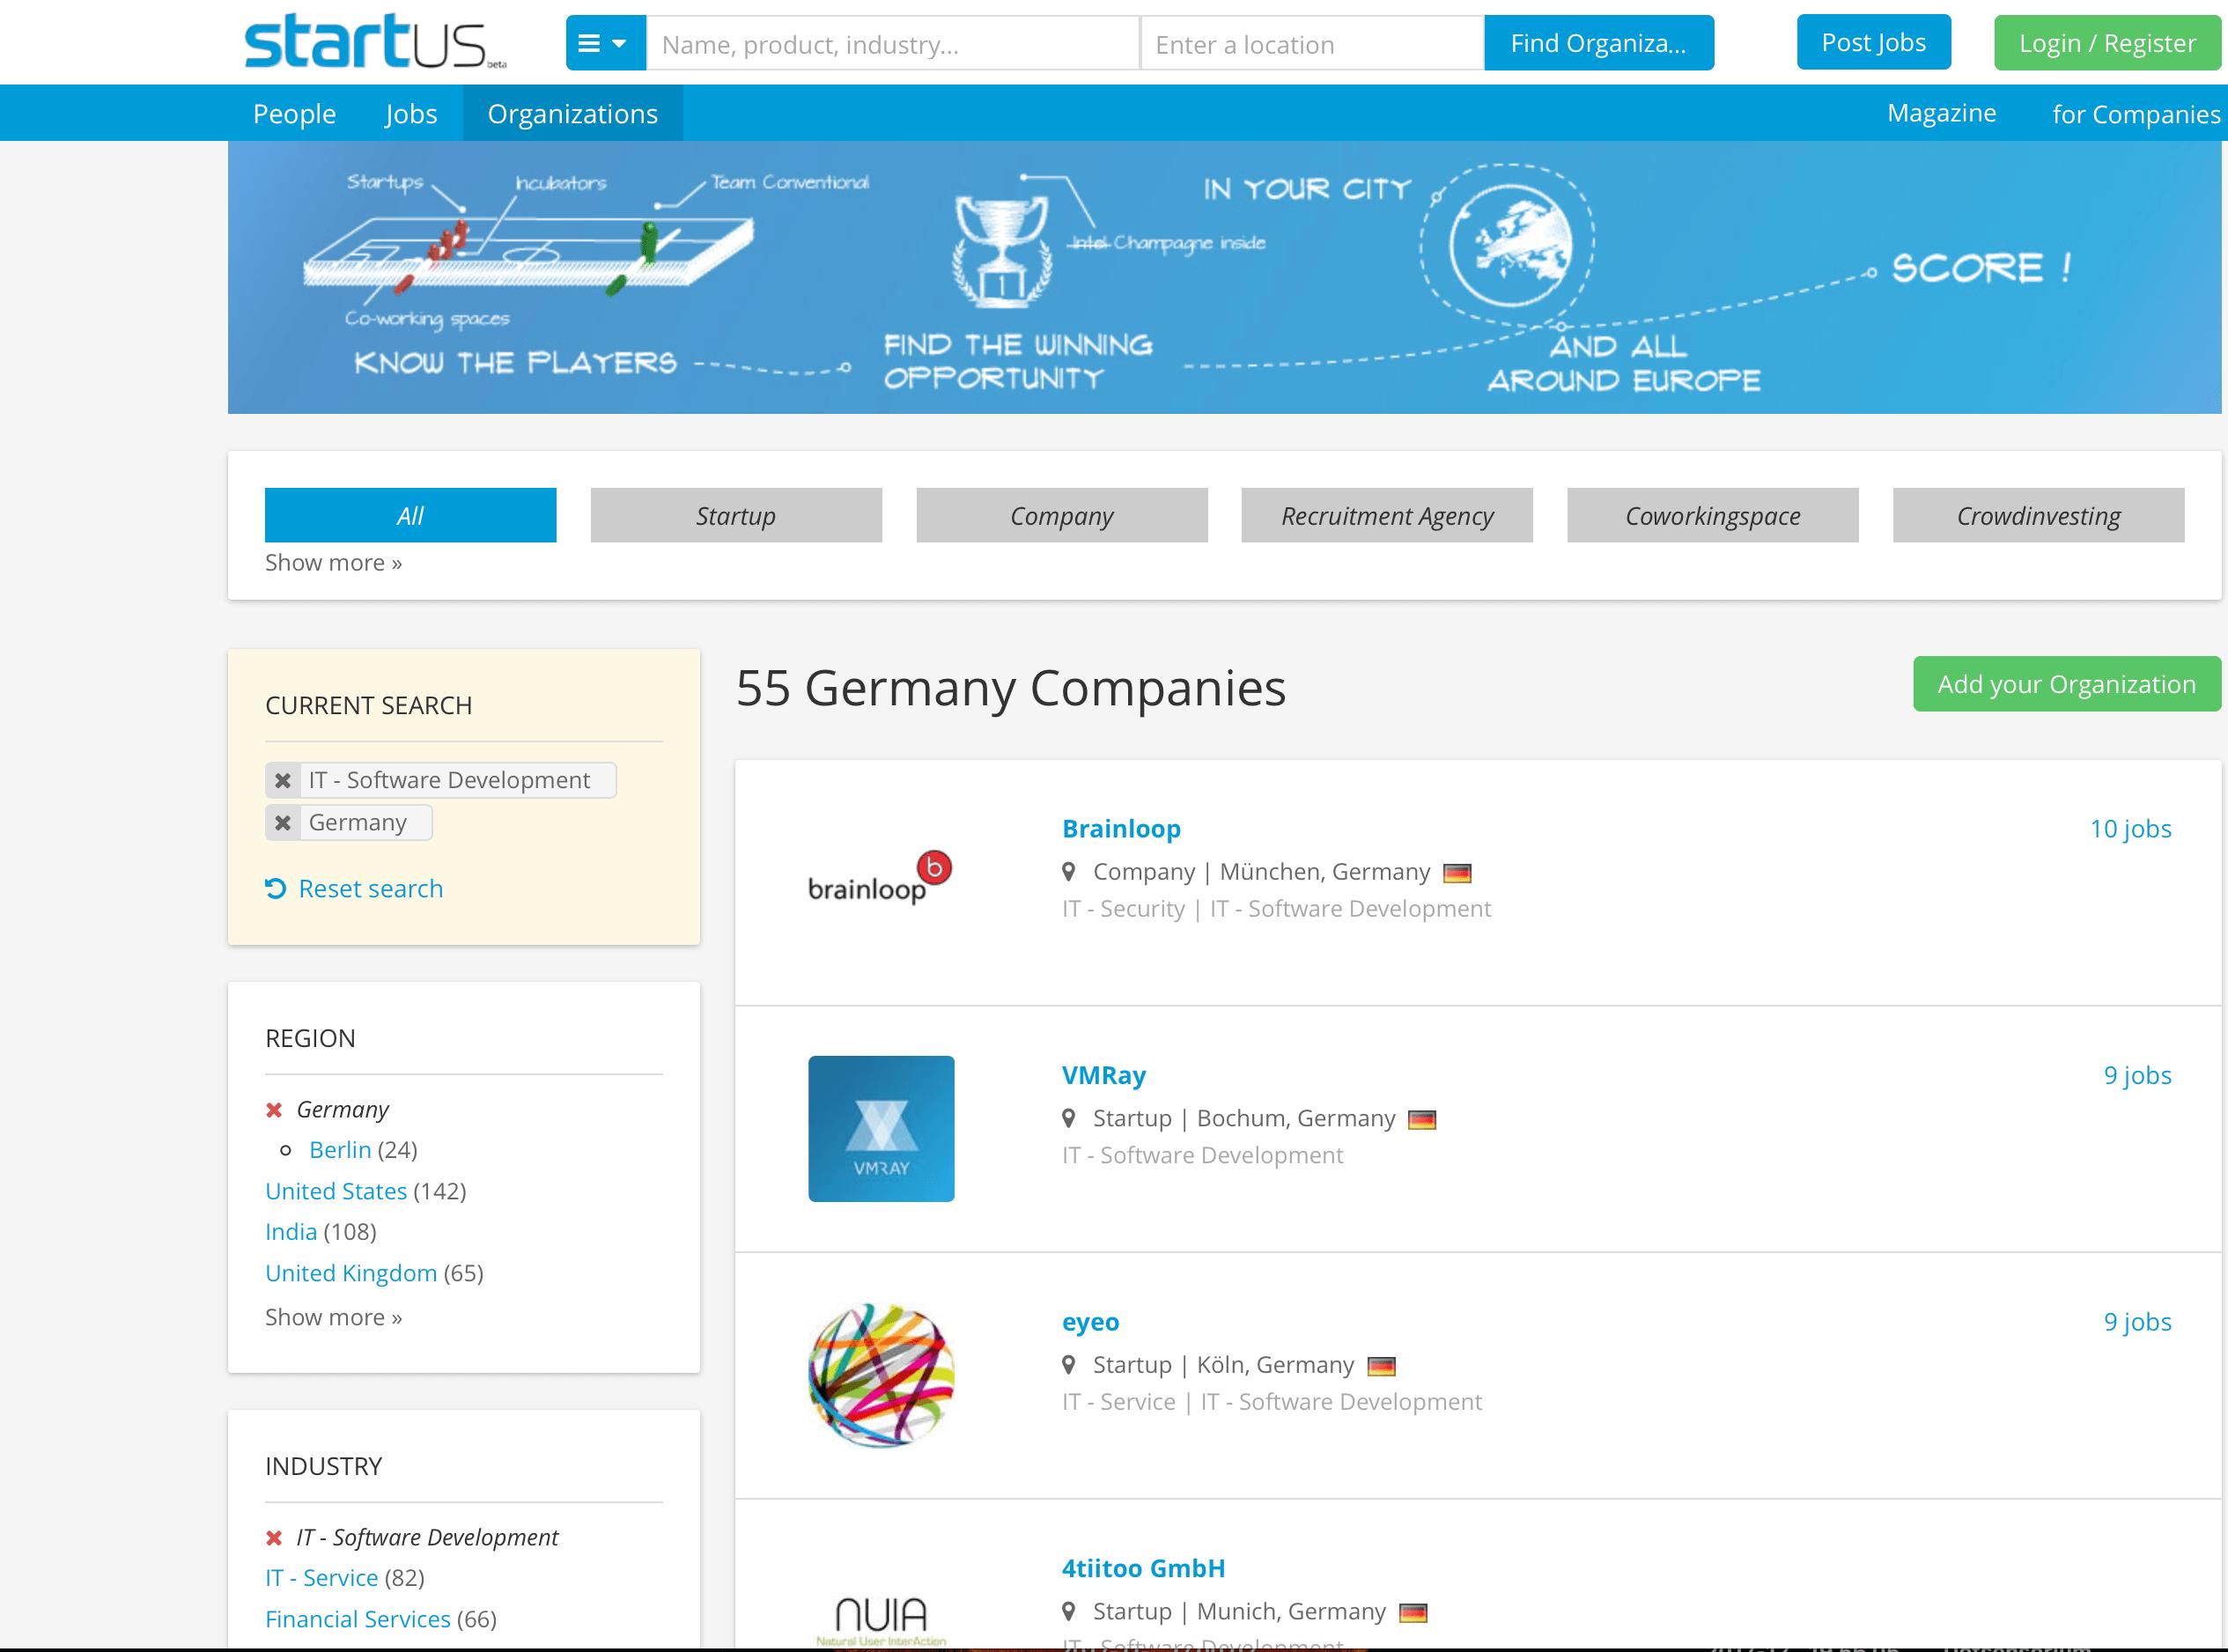 Saleslabel.com_Startus конкуренты по Германии